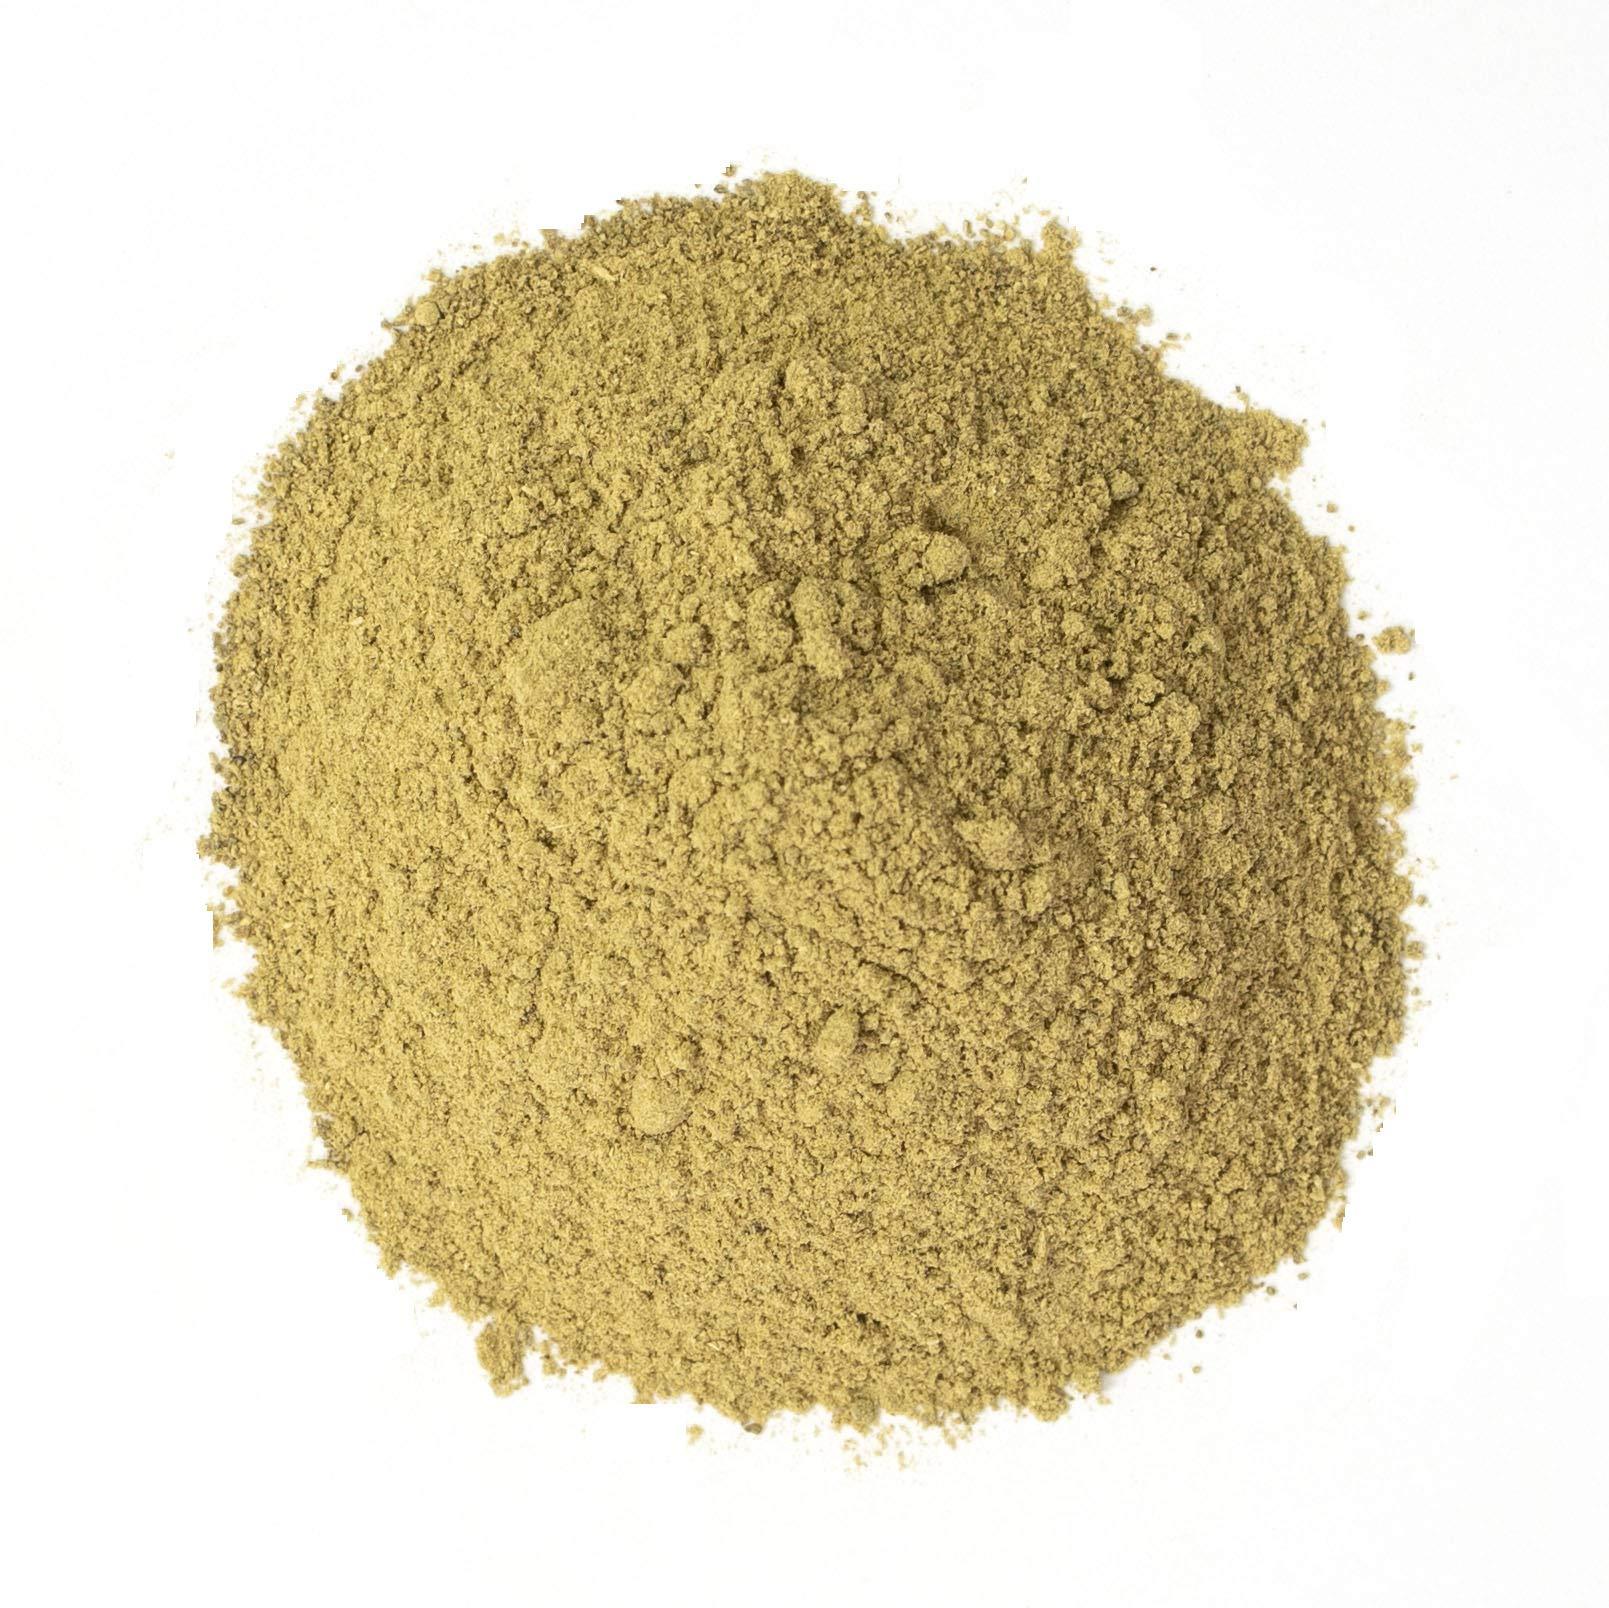 Frontier Co-op Valerian Root Powder, Certified Organic 1 lb. Bulk Bag by Frontier Co-op